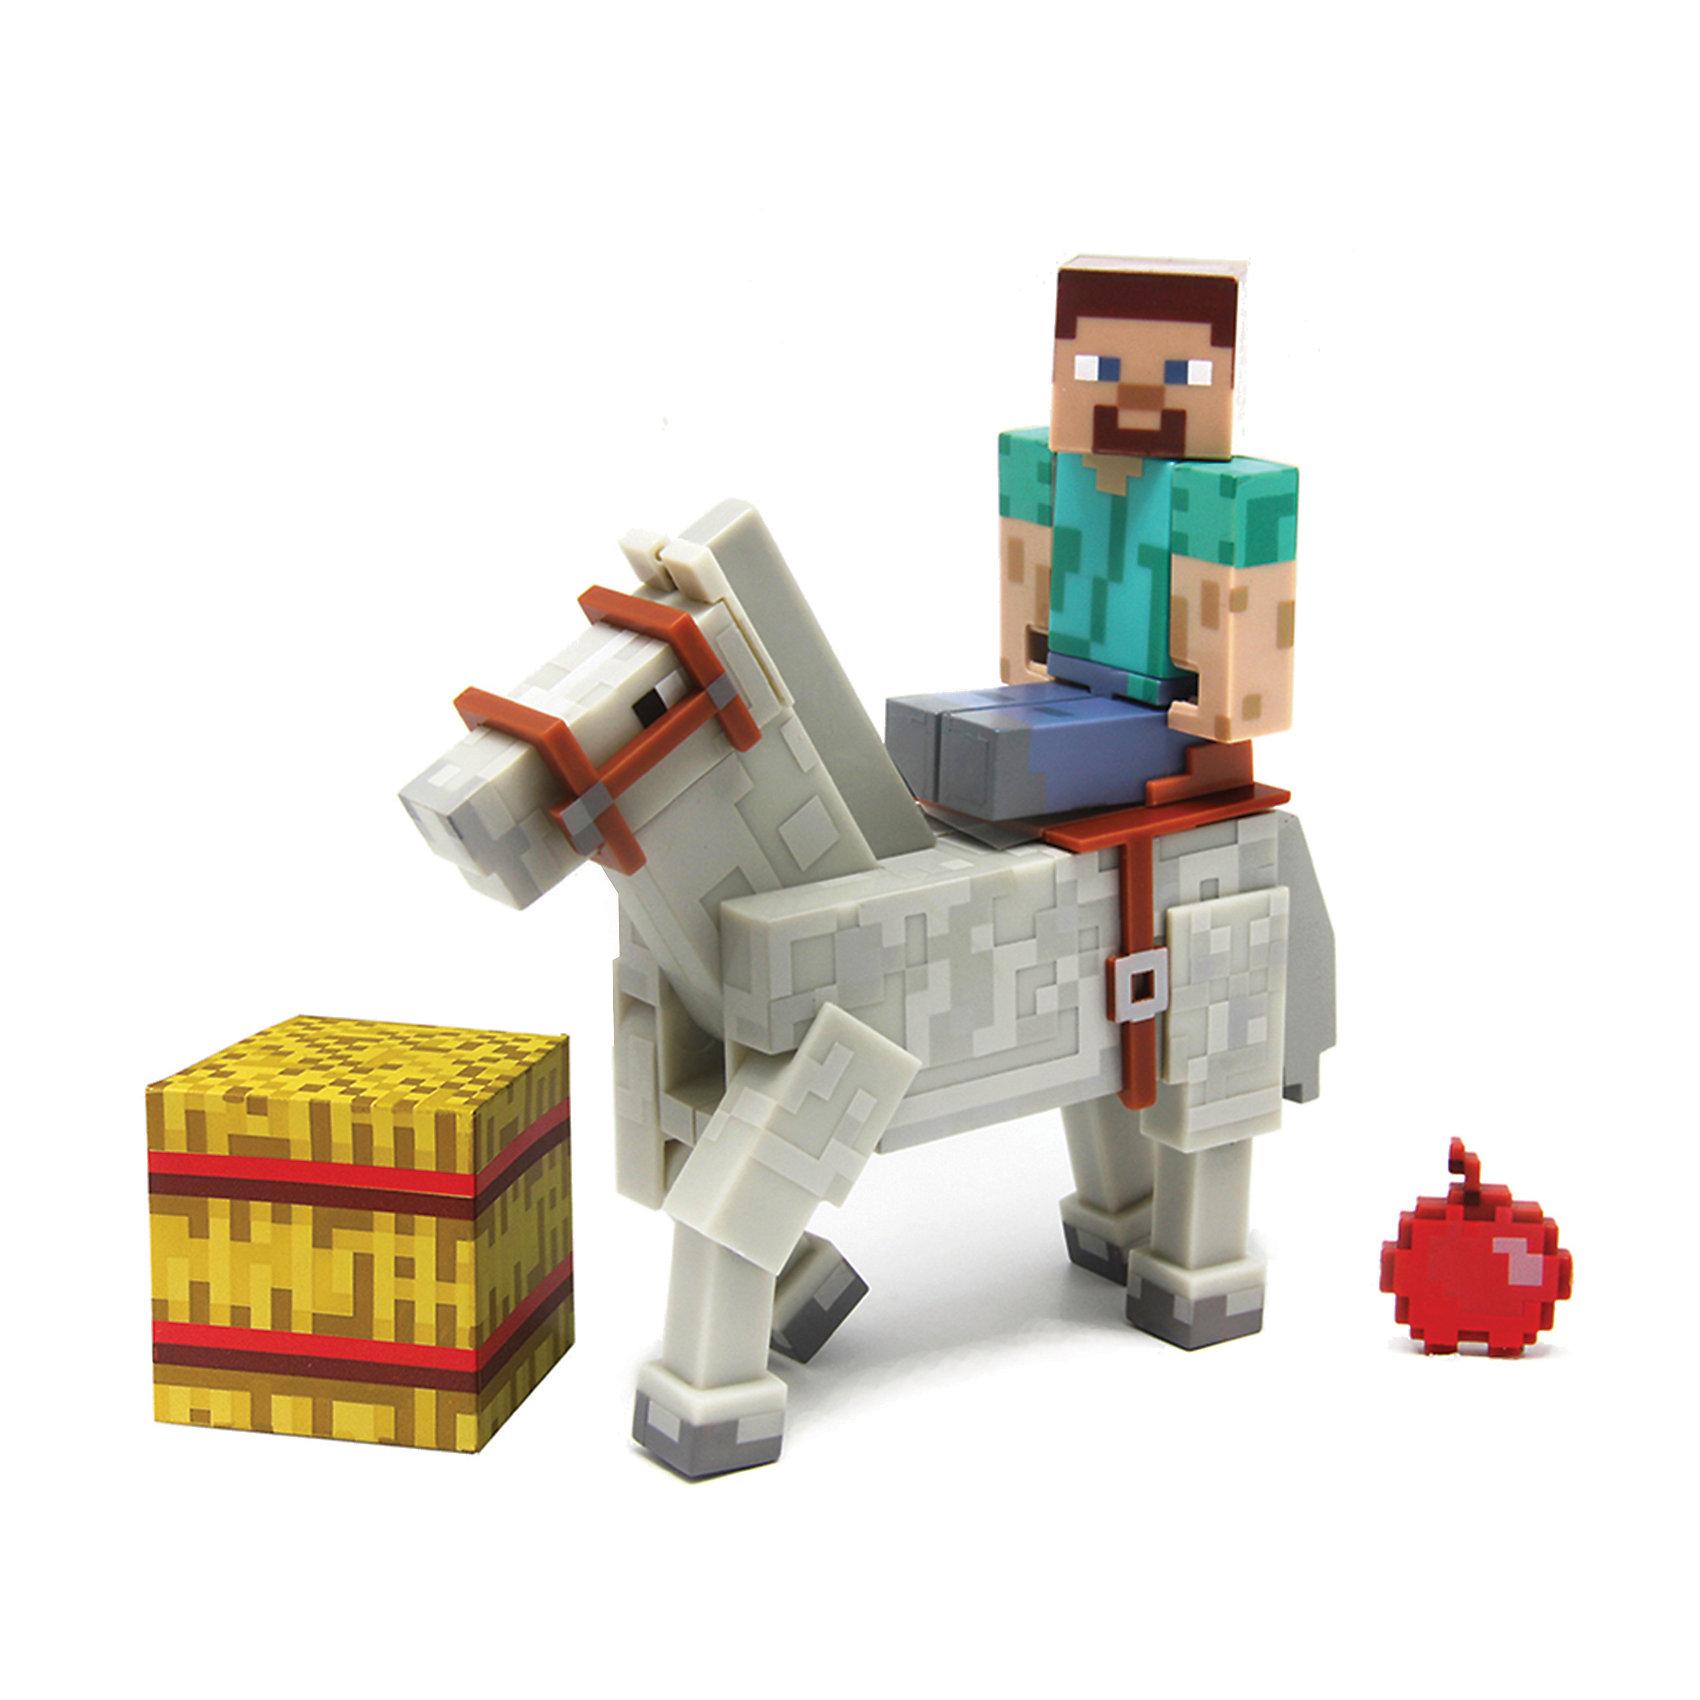 Jazwares Фигурка 2 в 1 Стив, 8 см, Minecraft майнкрафт стив в украине